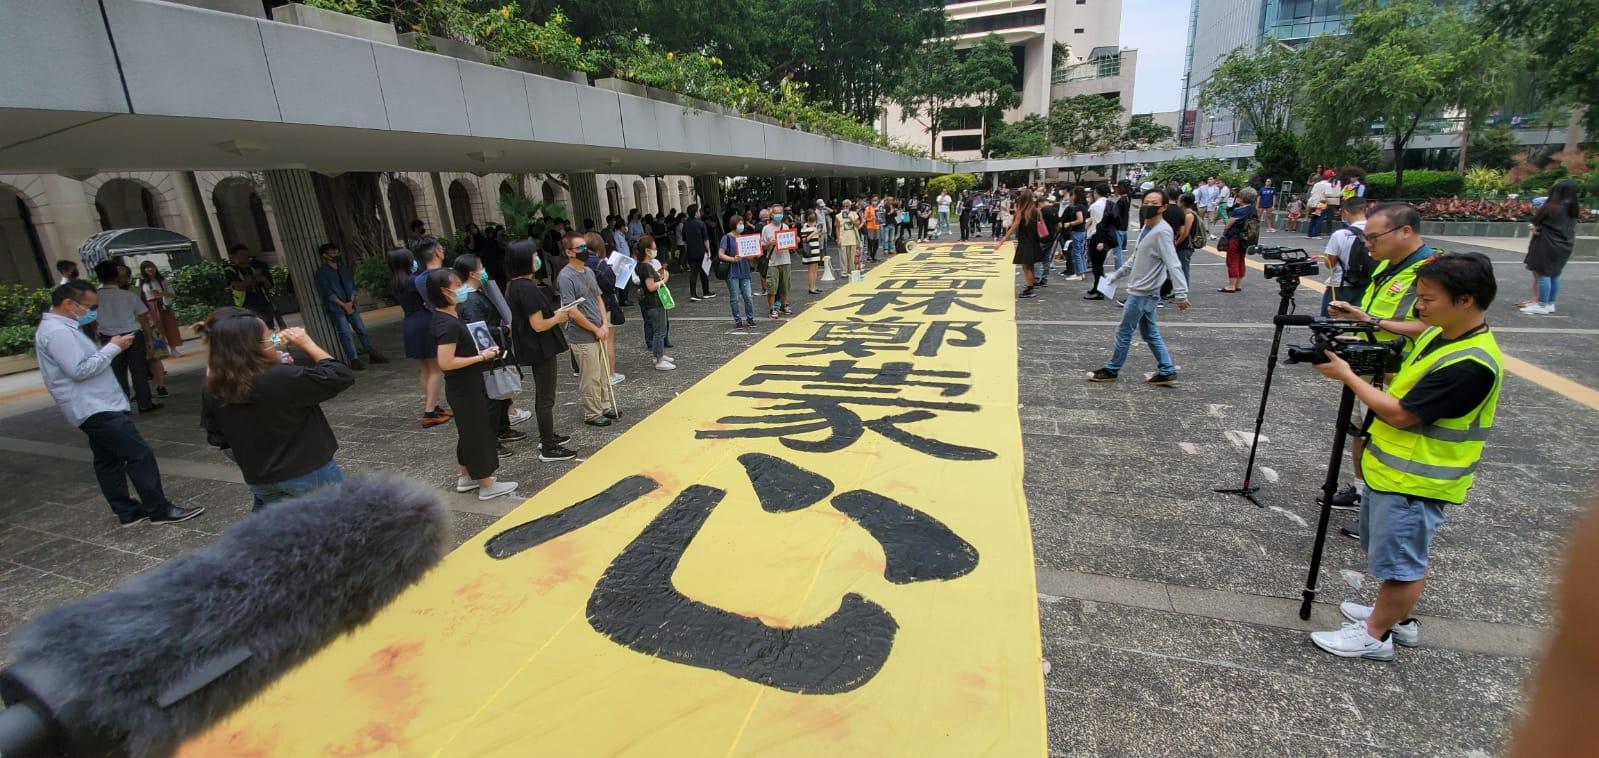 【修例風波】示威者多區快閃集會 遊行人士中環一度走出行車線